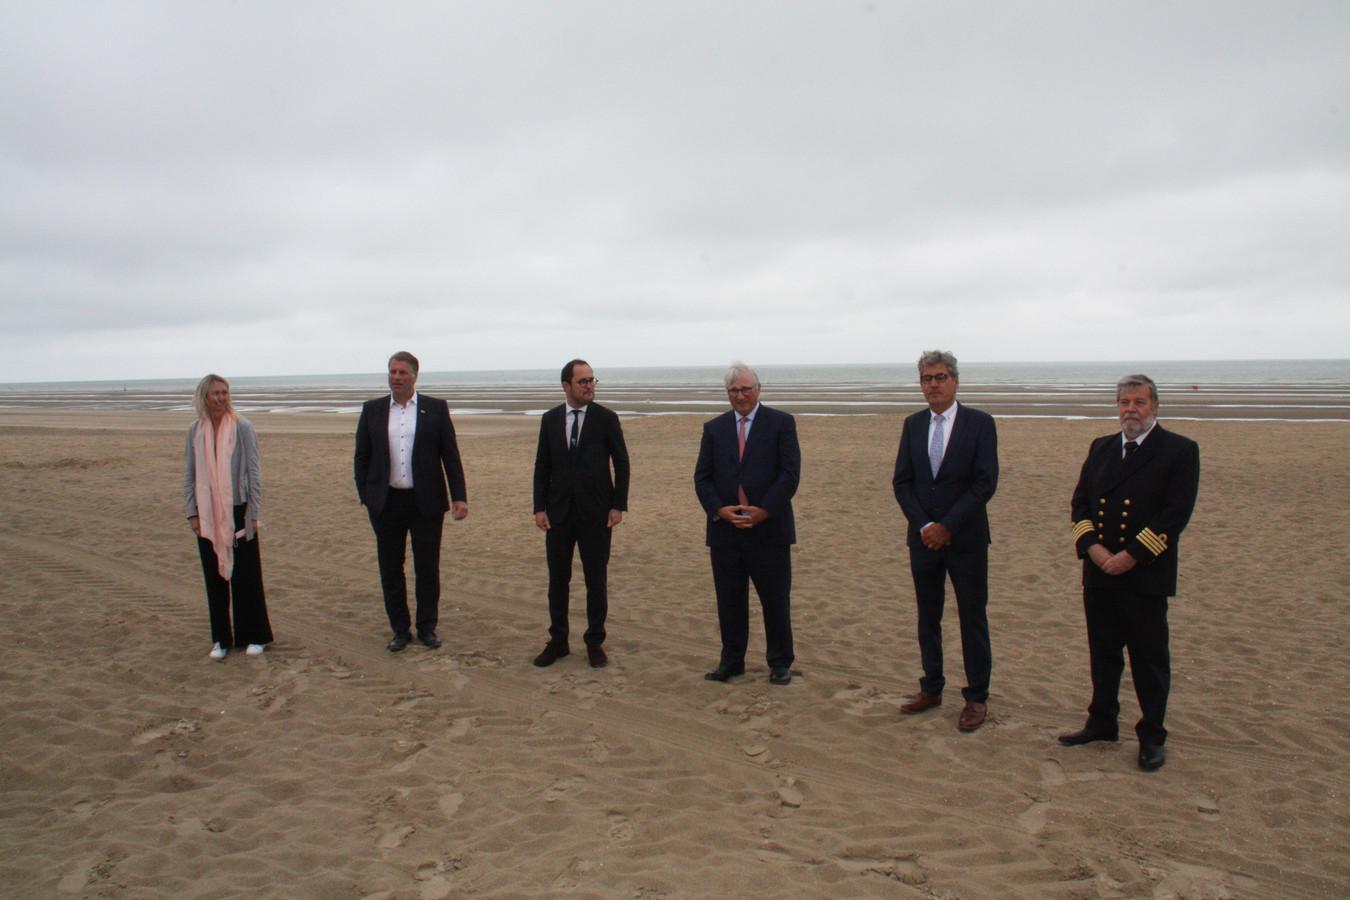 Kabinetsmedewerker Kim Meeus, burgemeester van De Panne Bram Degrieck, minister Vincent Van Quickenborne, burgemeesters van Koksijde en Nieuwpoort Marc Vanden Bussche en Geert Vanden Broucke en havenkapitein Mario Calbert.